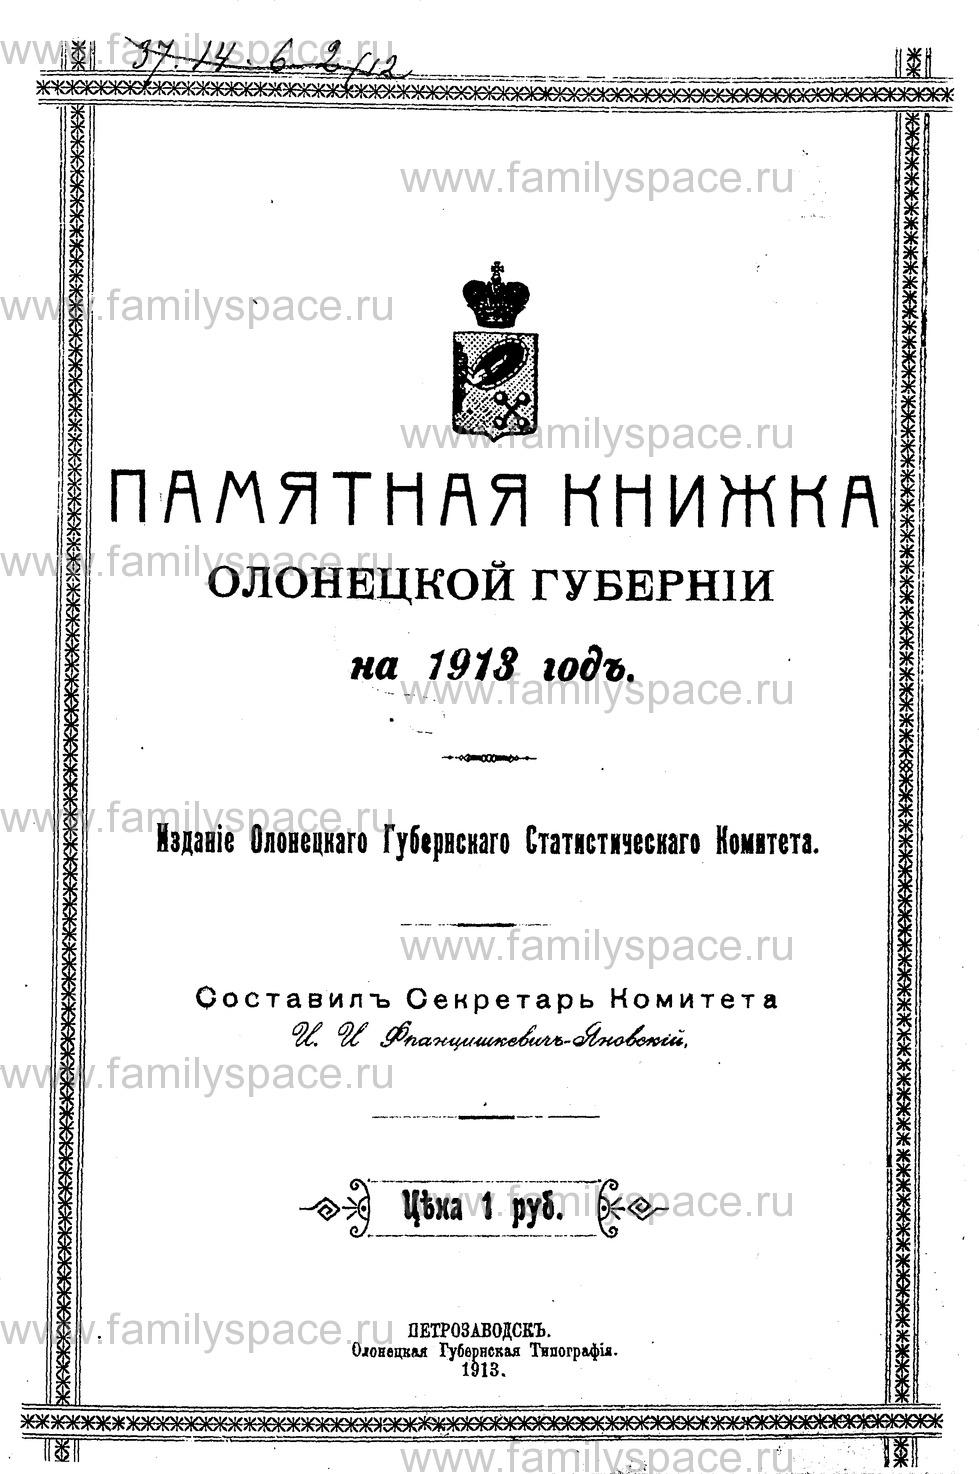 Поиск по фамилии - Памятная книжка Олонецкой губернии на 1913 г, страница 1